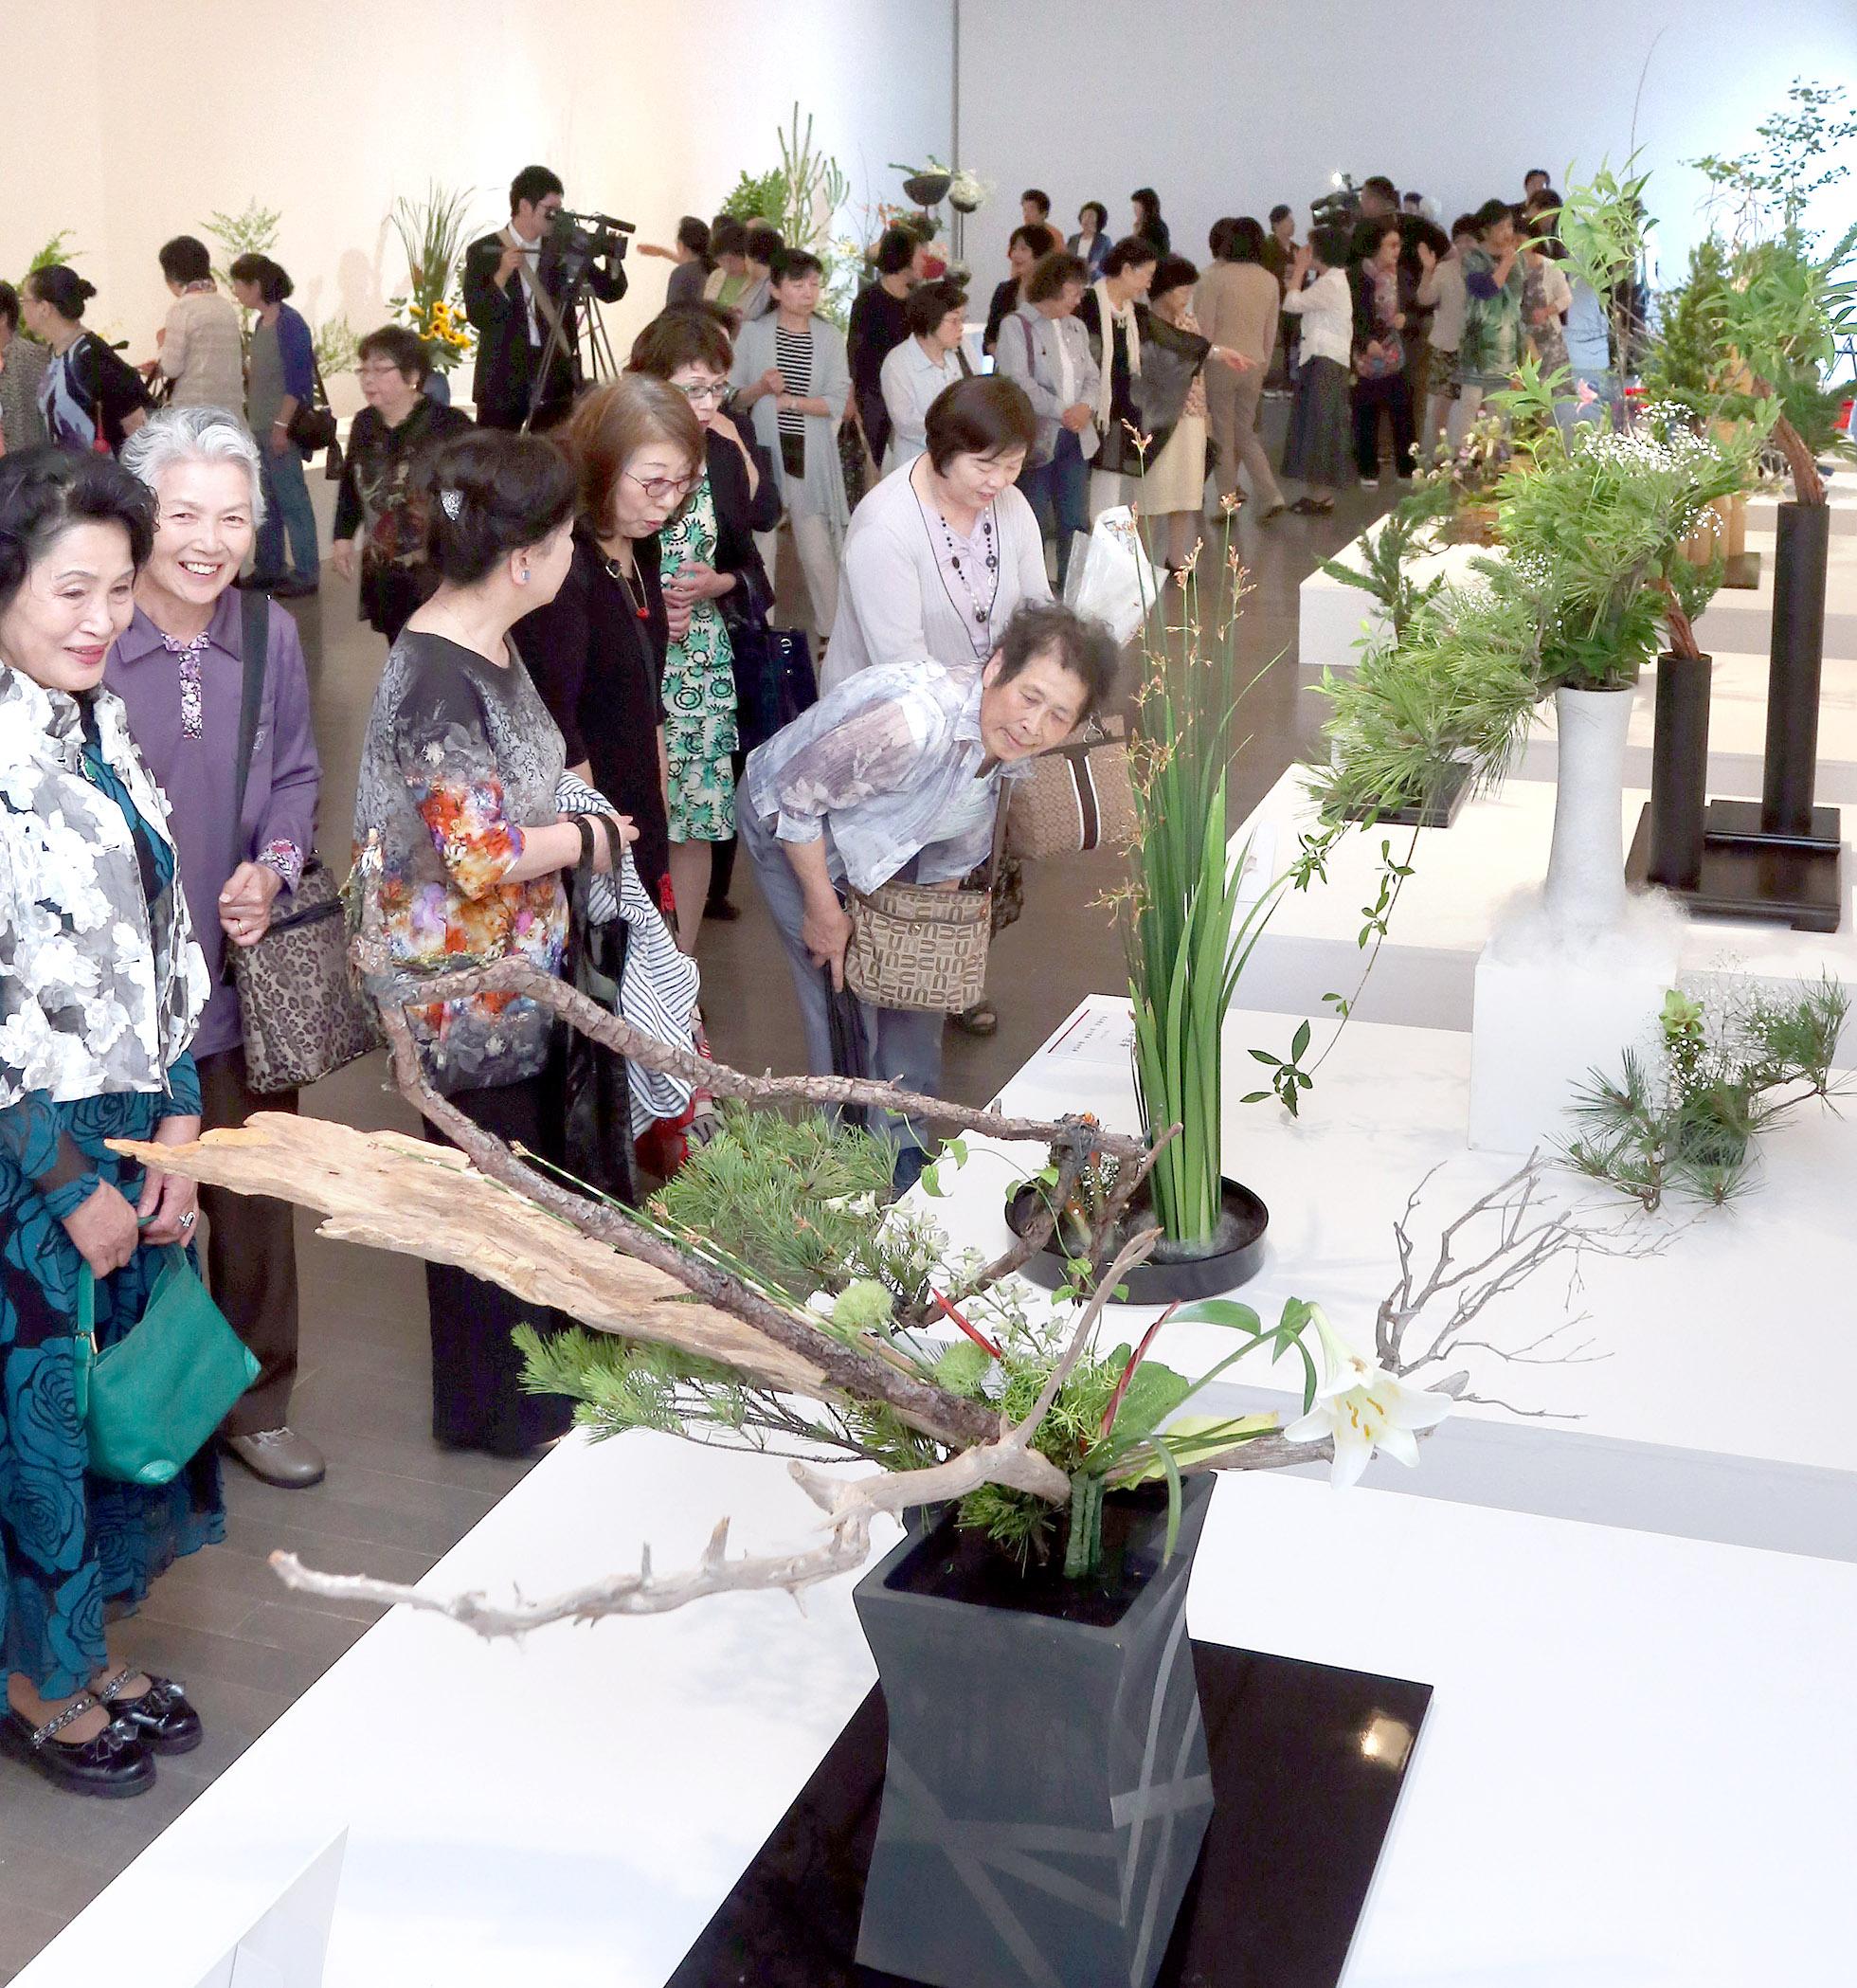 節目を彩る力作の数々を堪能する愛好者=9日午前10時10分、金沢21世紀美術館